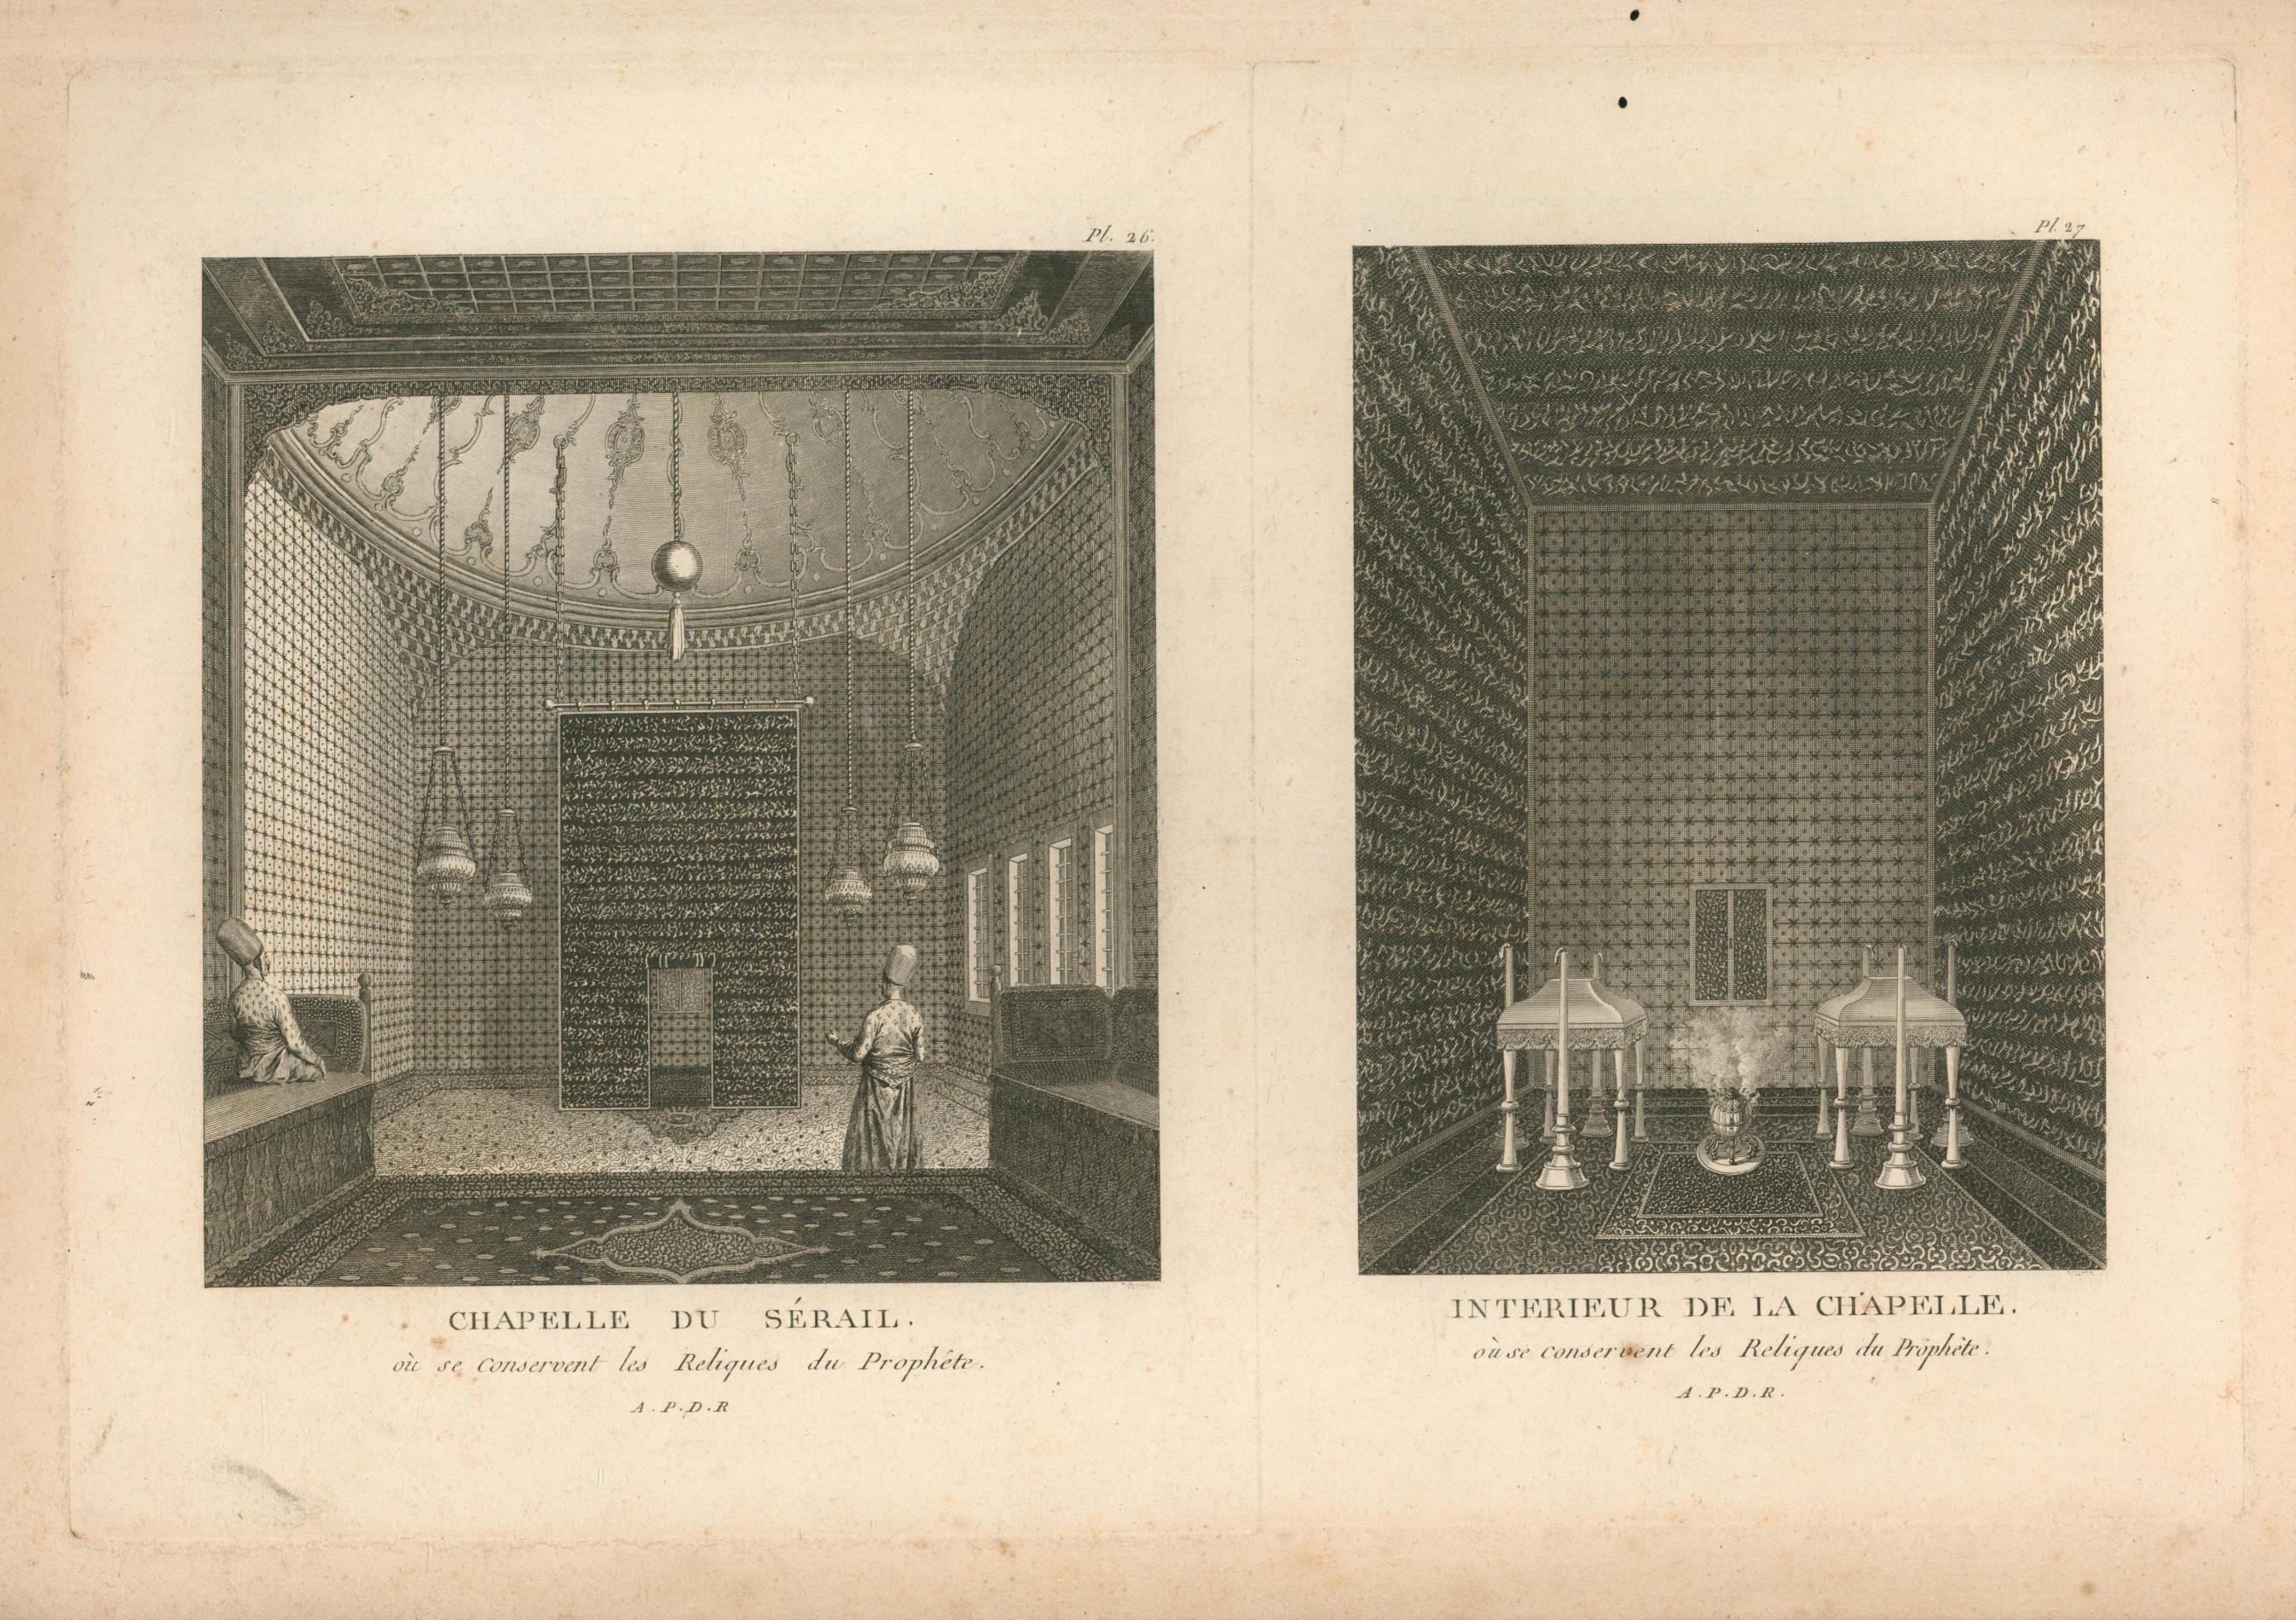 Interieur de la Chapelle Ou se conservent: unleserlich Yarin/ Varin